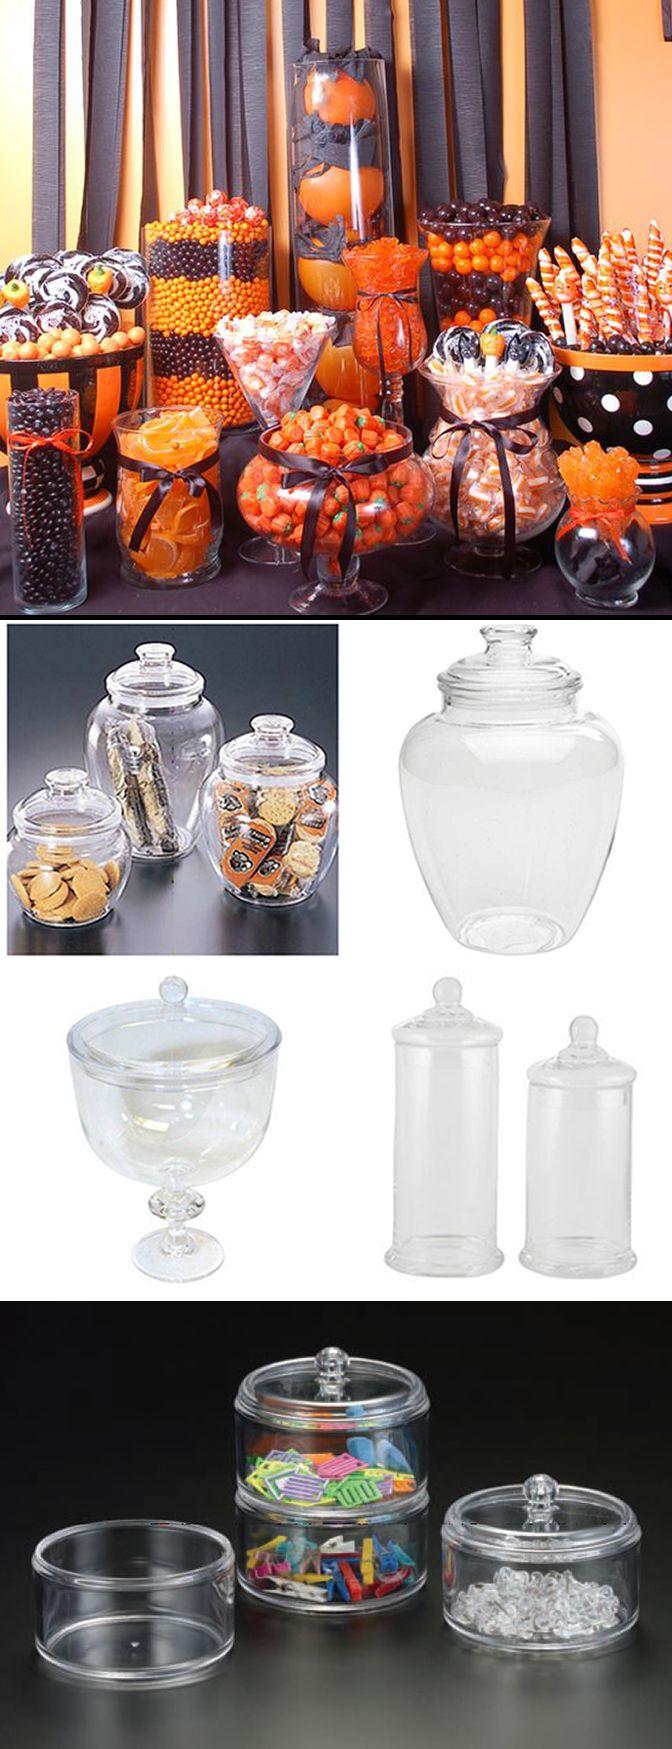 ACRYLIC APOTHECARY JARS. I personally enjoy a Candy & Treat Buffet ...